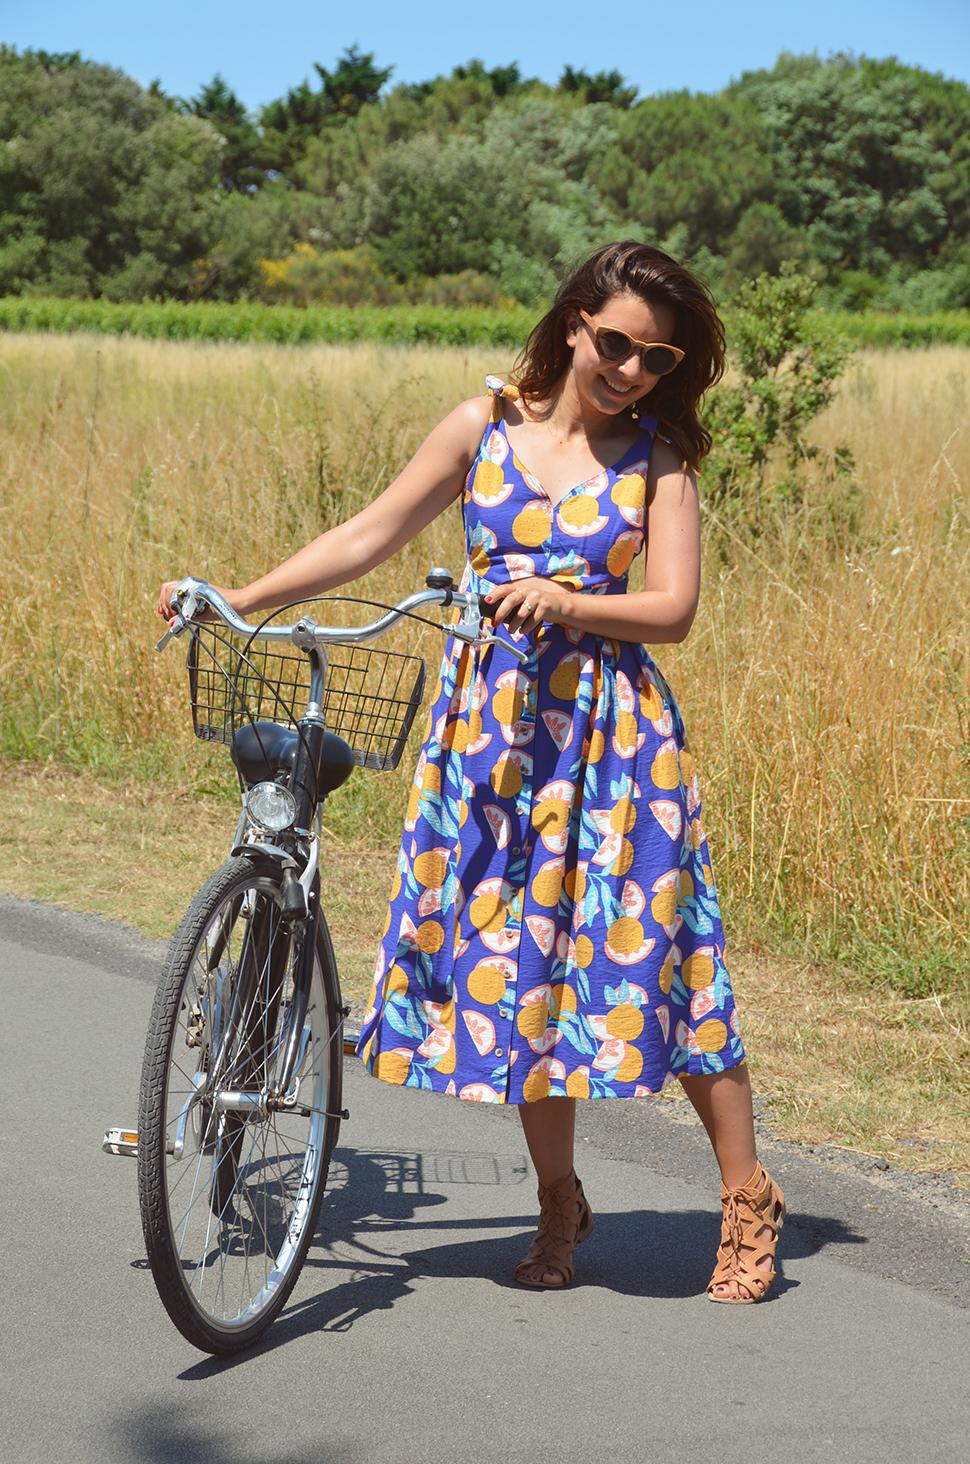 Helloitsvalentine_iledere_bicycle_Cocorrina_Pimkie_2